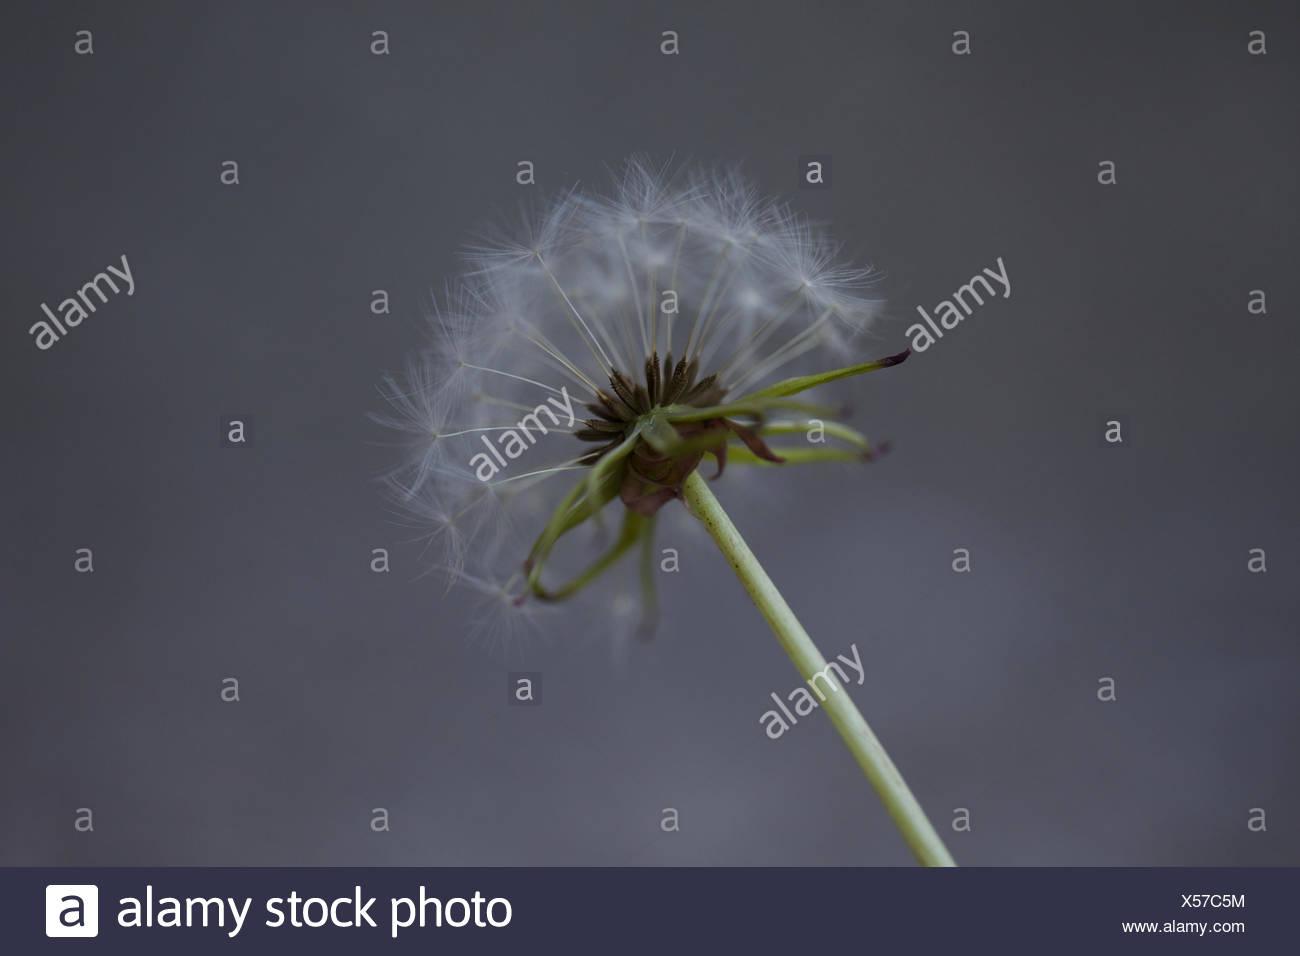 Stiel der Blume Löwenzahn. Muster, Wachstum, zerbrechliche, Samen. Stockbild